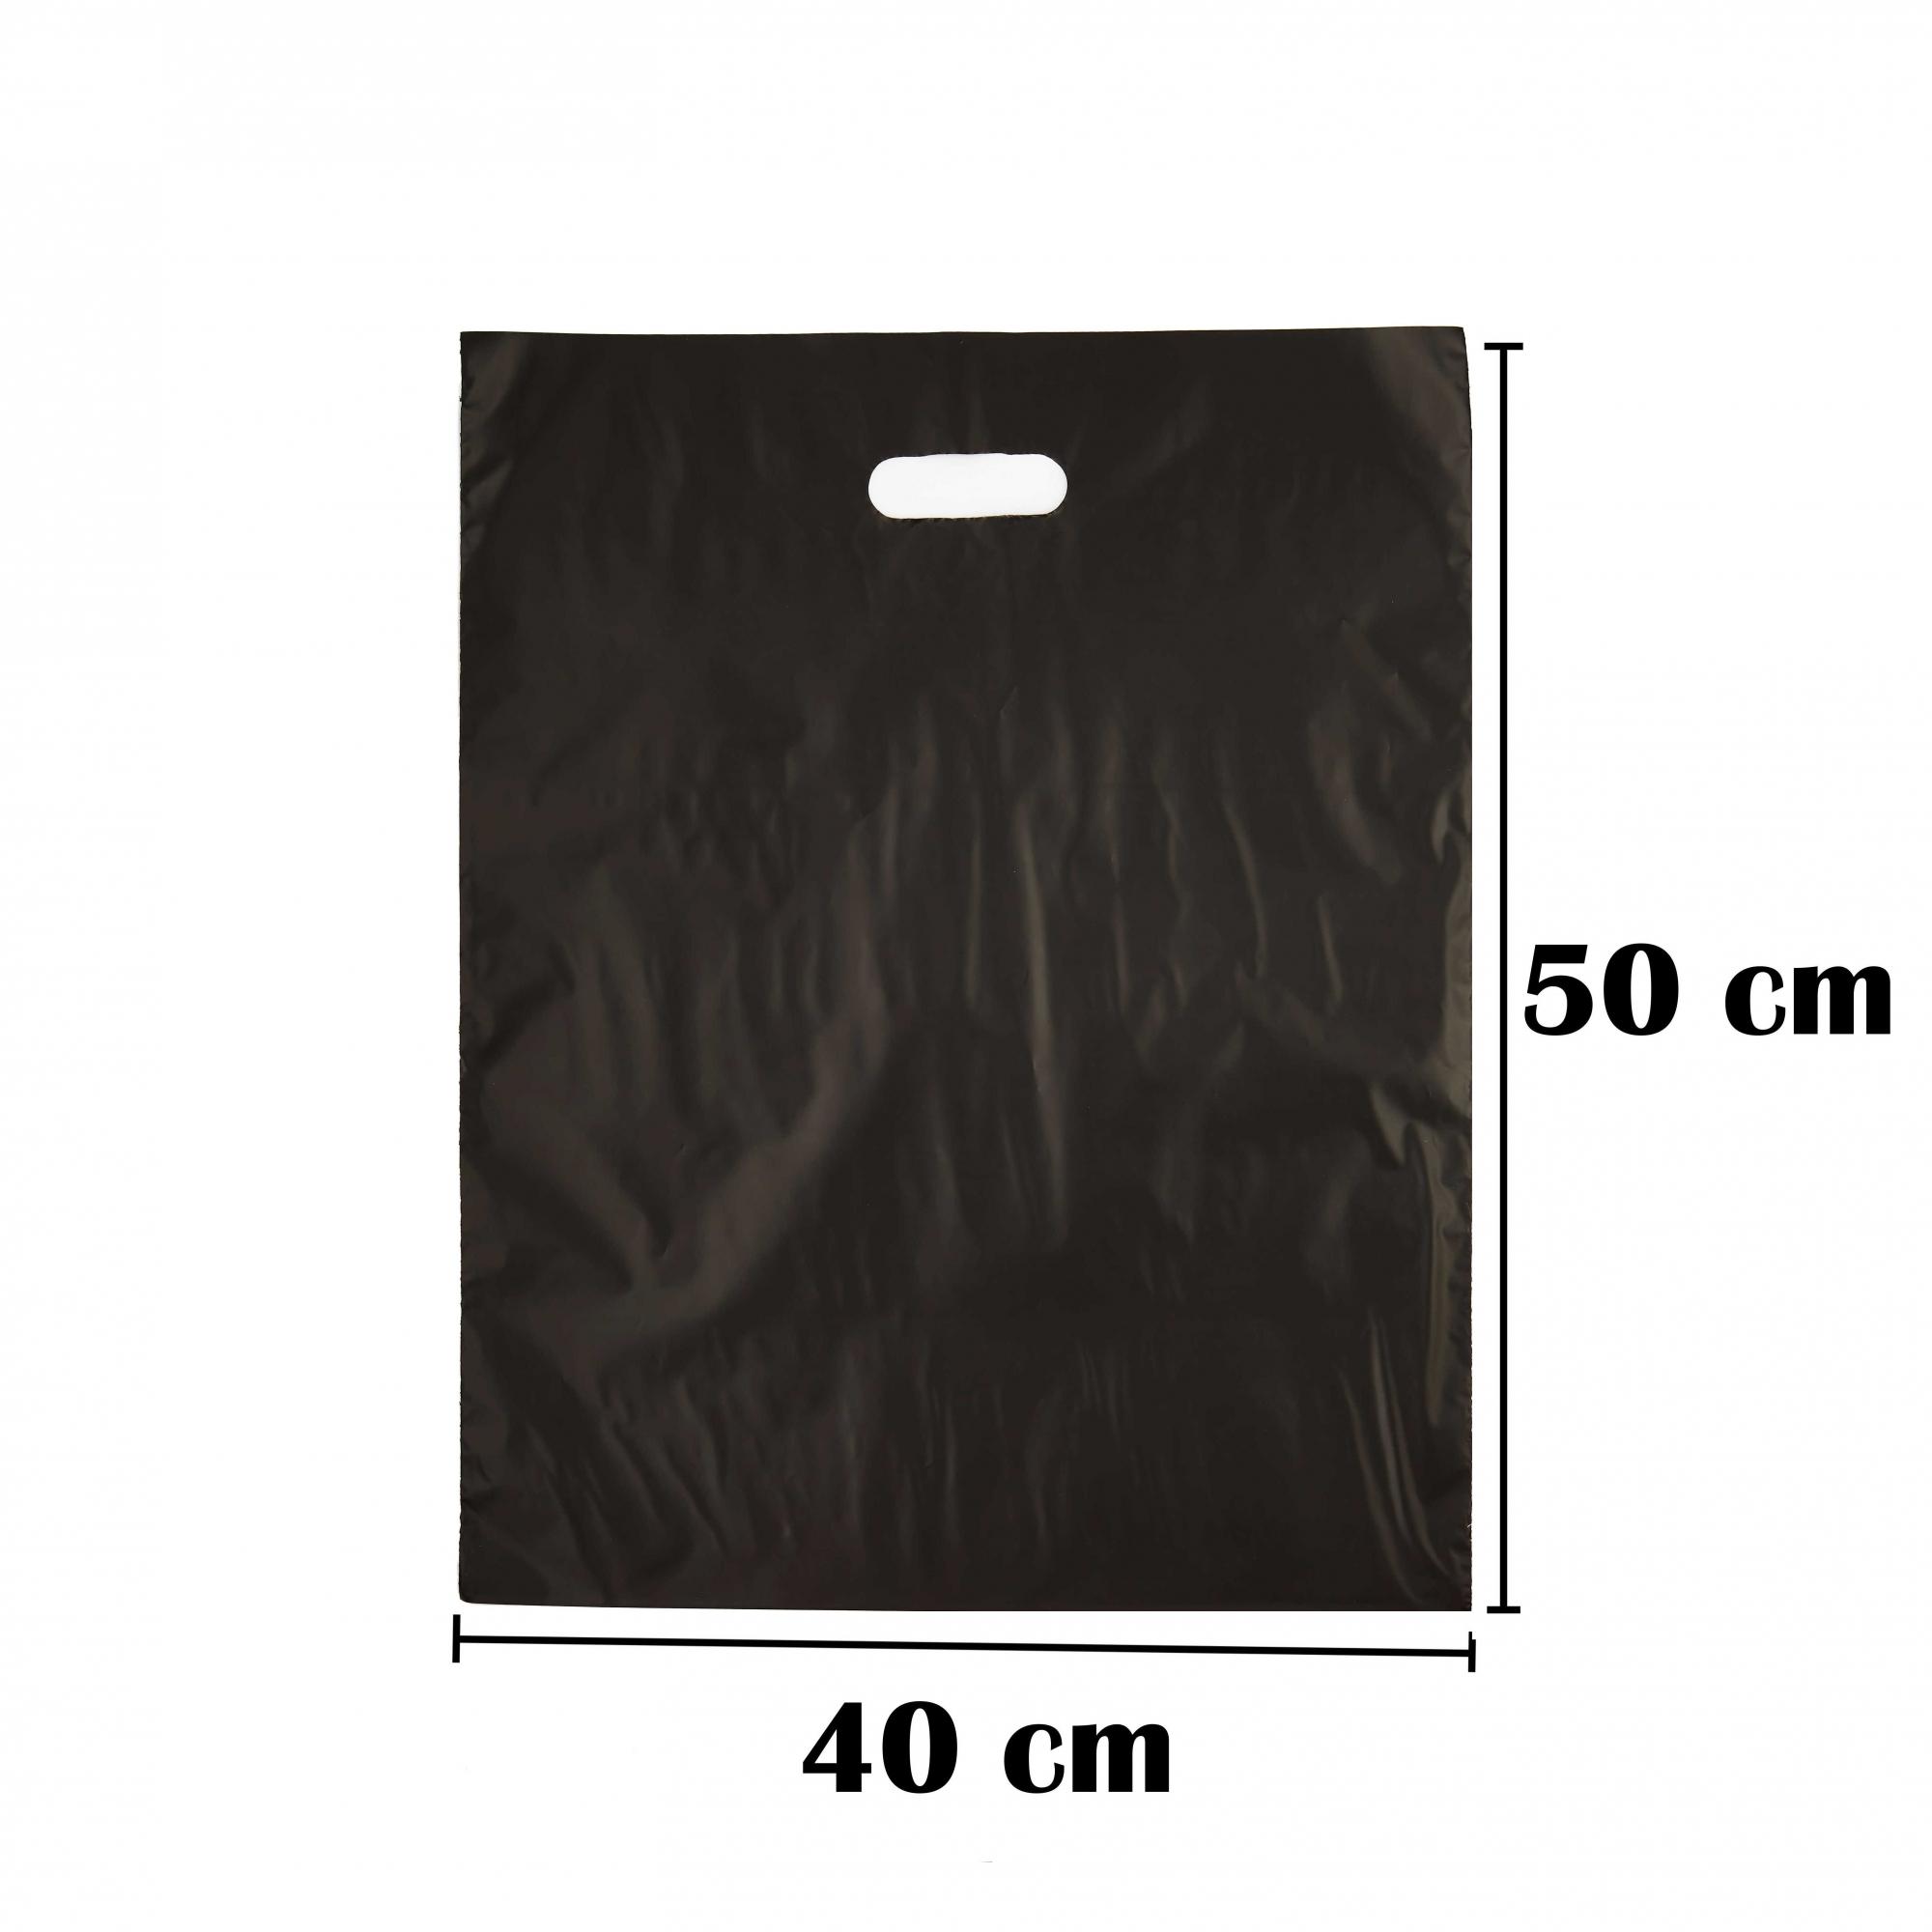 Sacola Plástica 40x50 Preta Alça Boca de Palhaço 1.000 Unidades